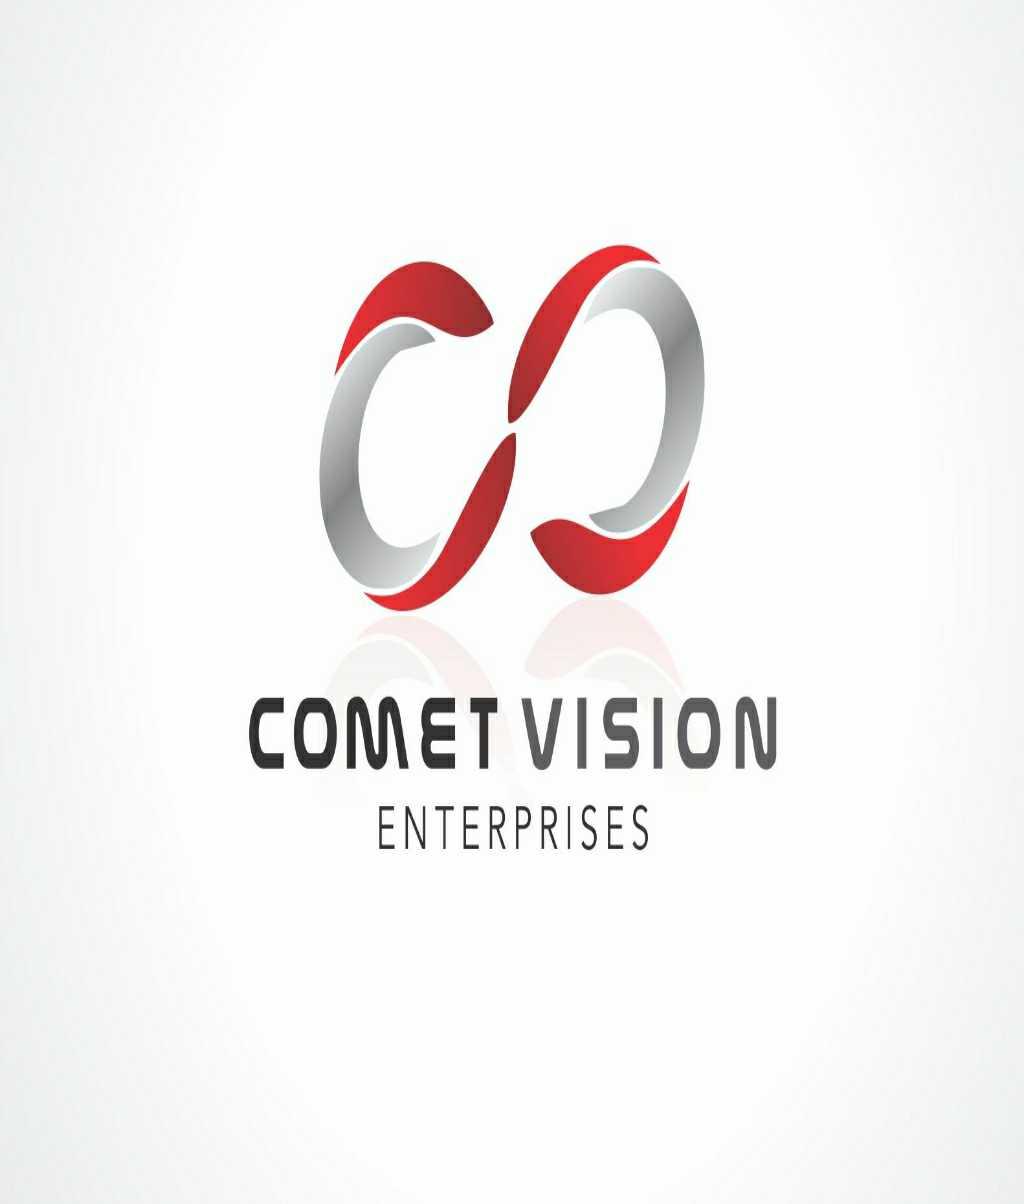 COMET VISION ENTERPRISES